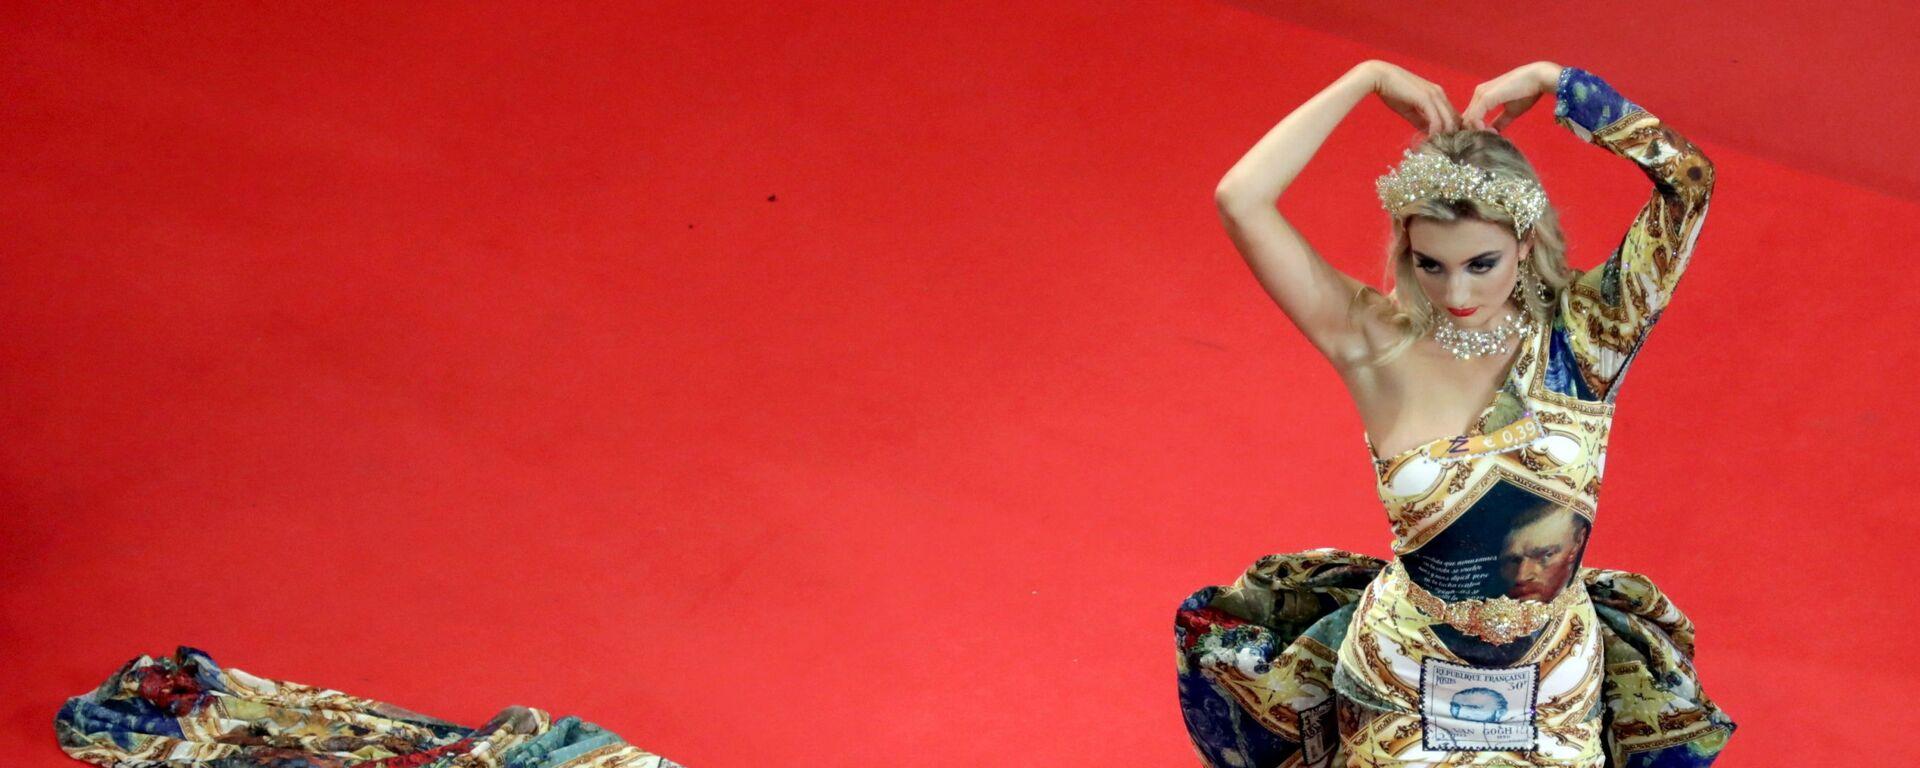 Гостья на красной дорожке перед показом фильма BAC Nord в рамках 74-го Каннского кинофестиваля - Sputnik Česká republika, 1920, 13.07.2021